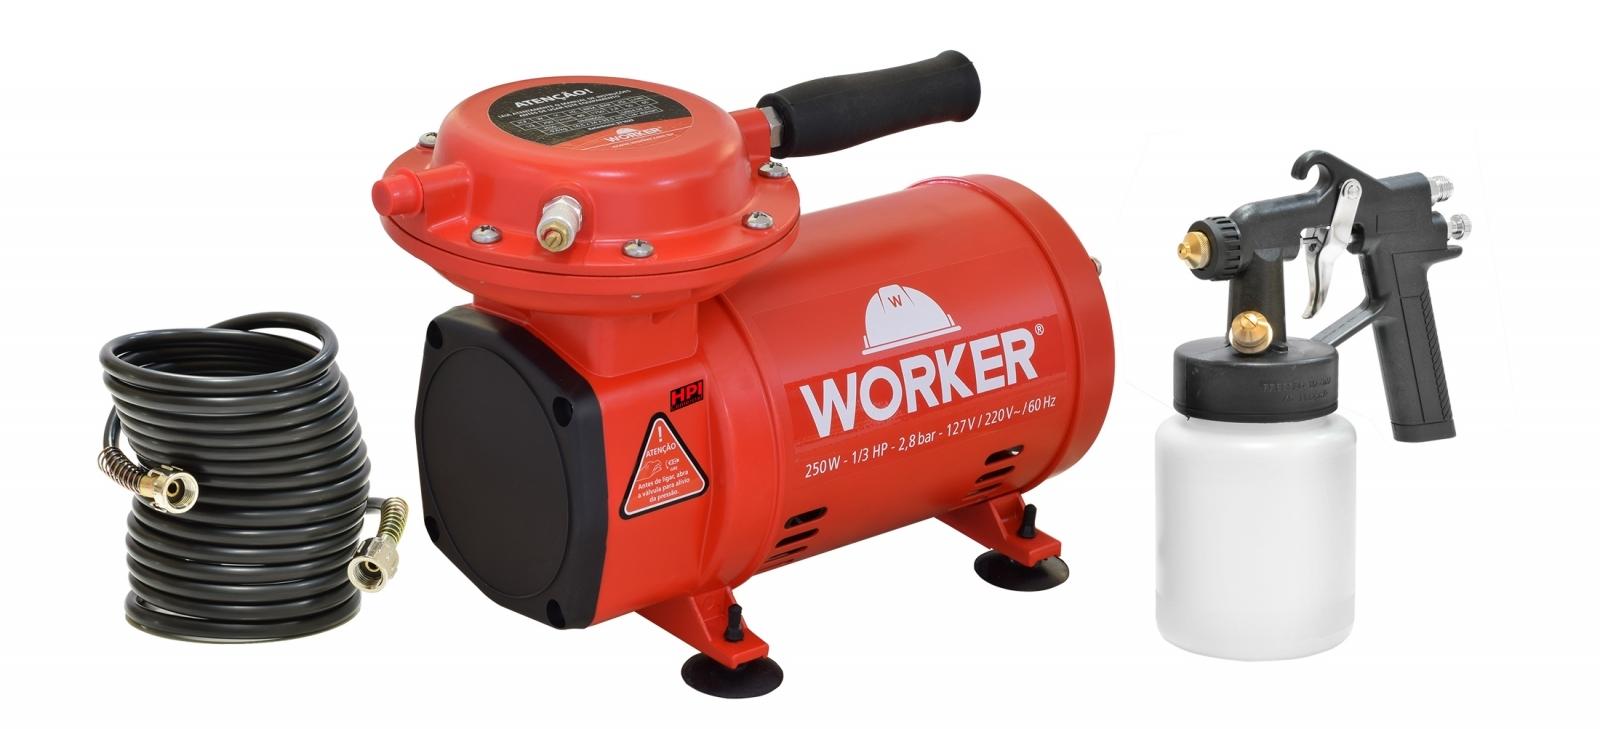 Compressor Ar Direto Tufão Worker Modelo 371629 Com Pistola - Ferramentas MEP